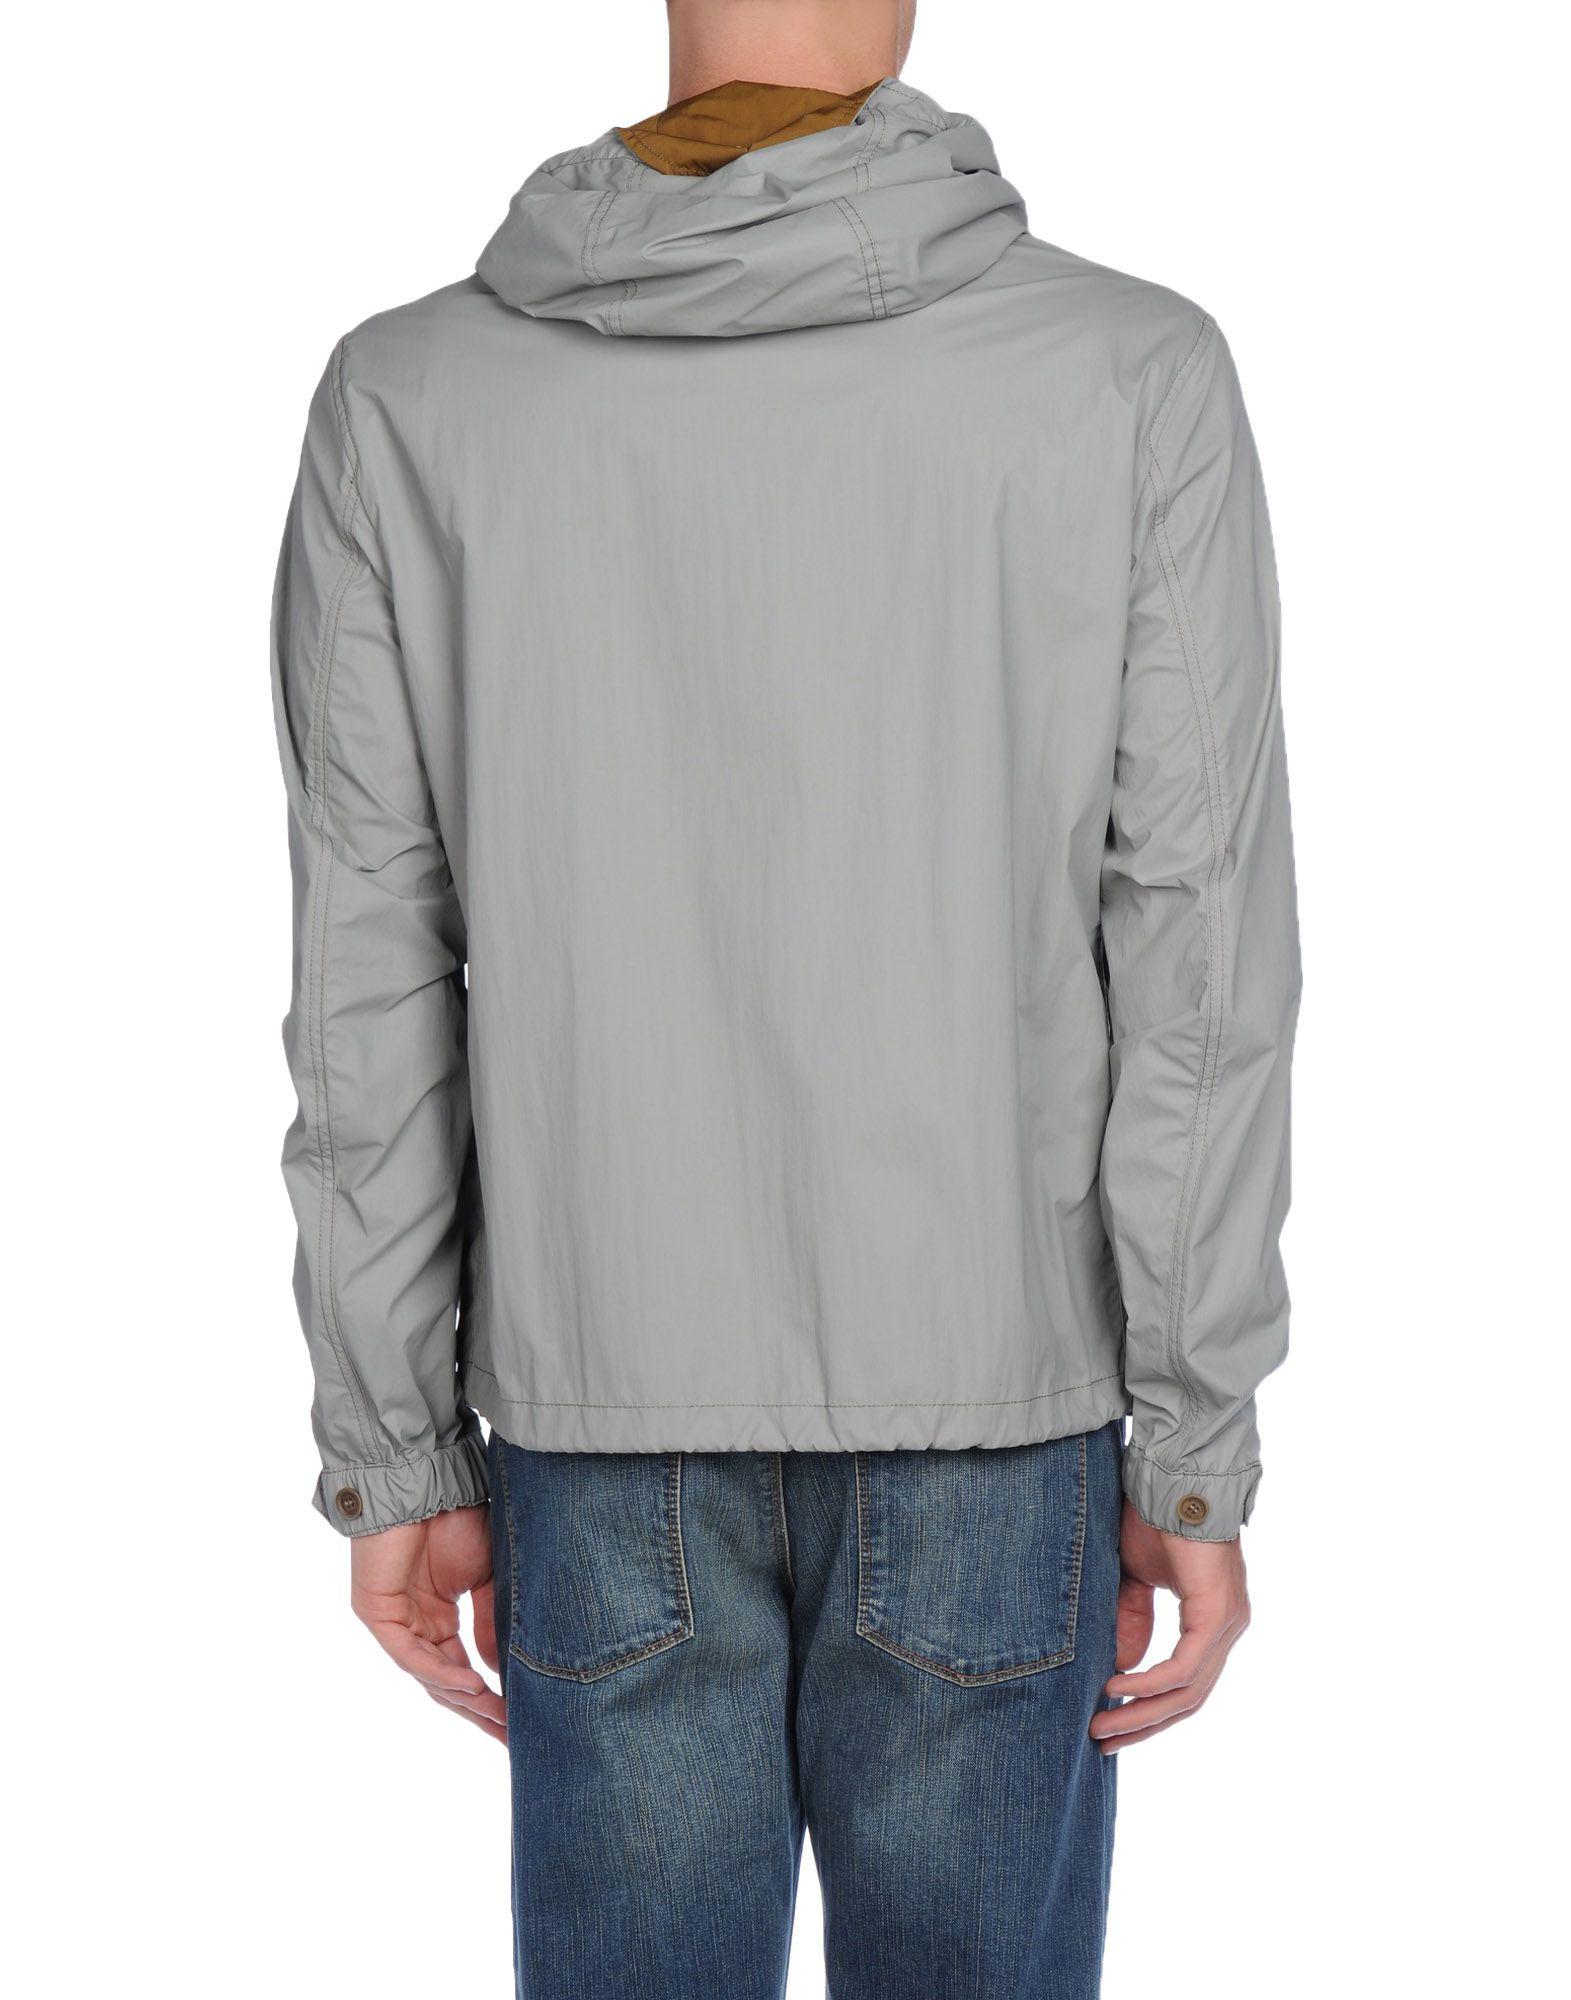 lyst burberry brit jacket in gray for men. Black Bedroom Furniture Sets. Home Design Ideas